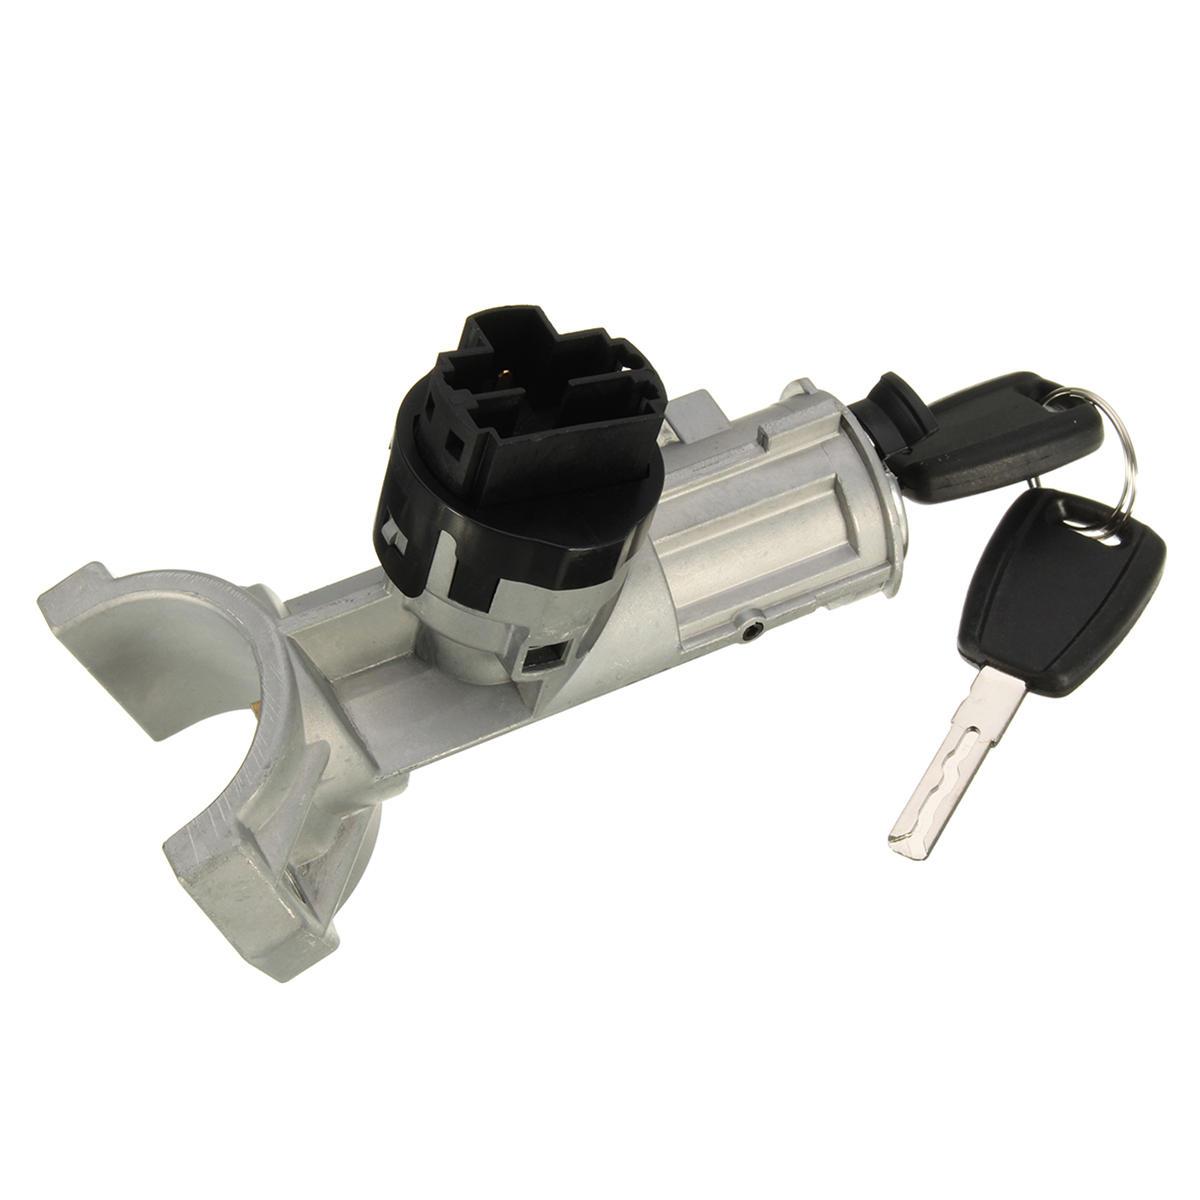 Interruptor de encendido del cilindro de dirección cerradura para Citroen Relay Ducato Peuge0t Boxer